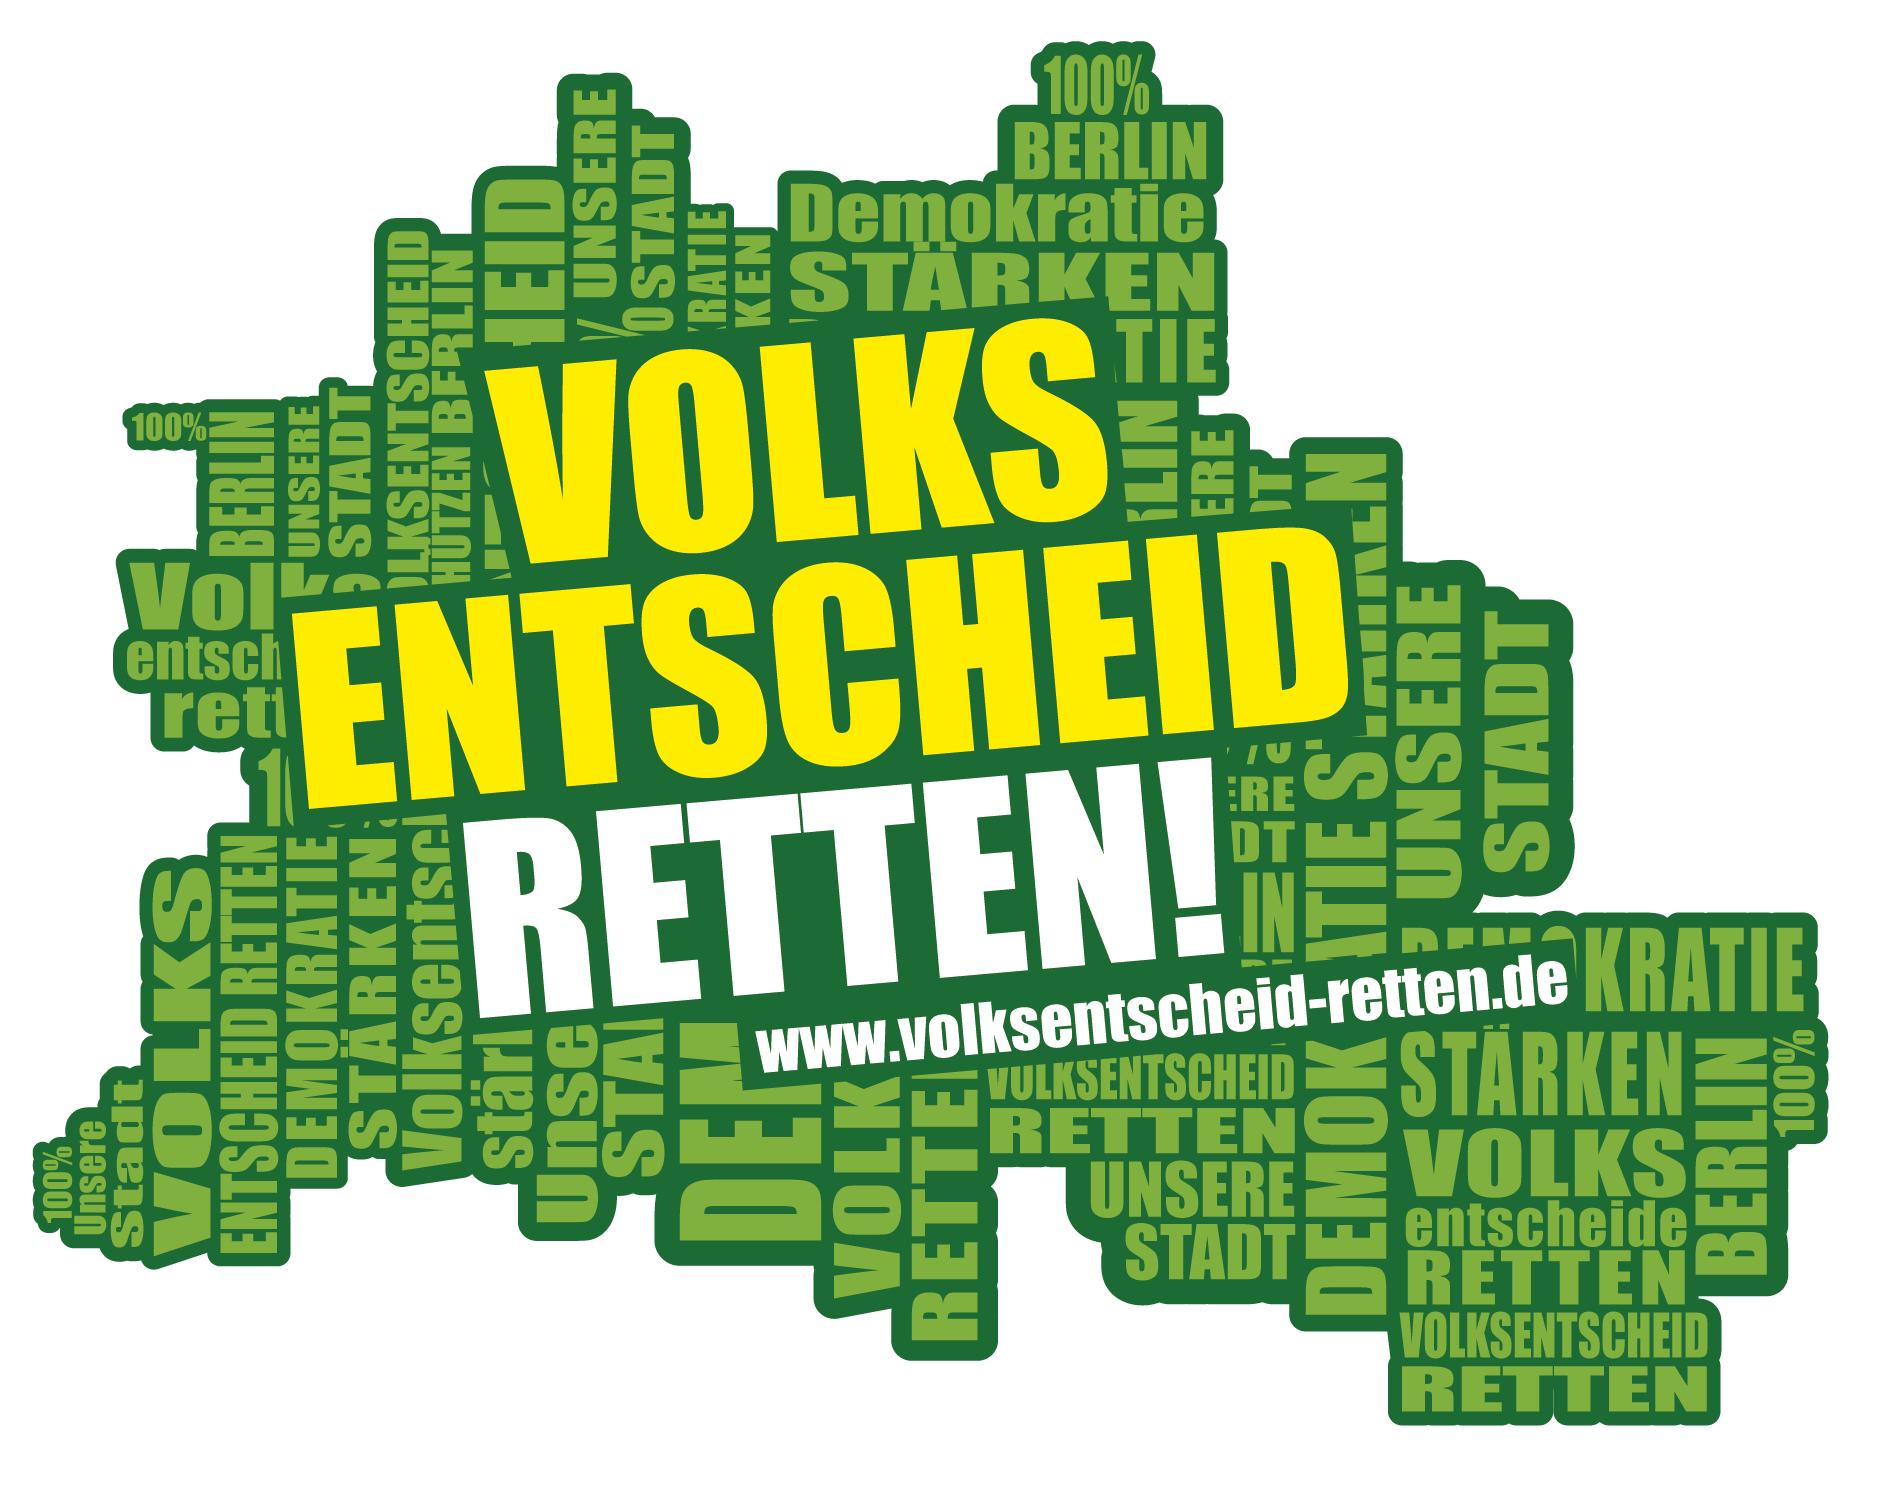 (c) Volksentscheid-retten.de